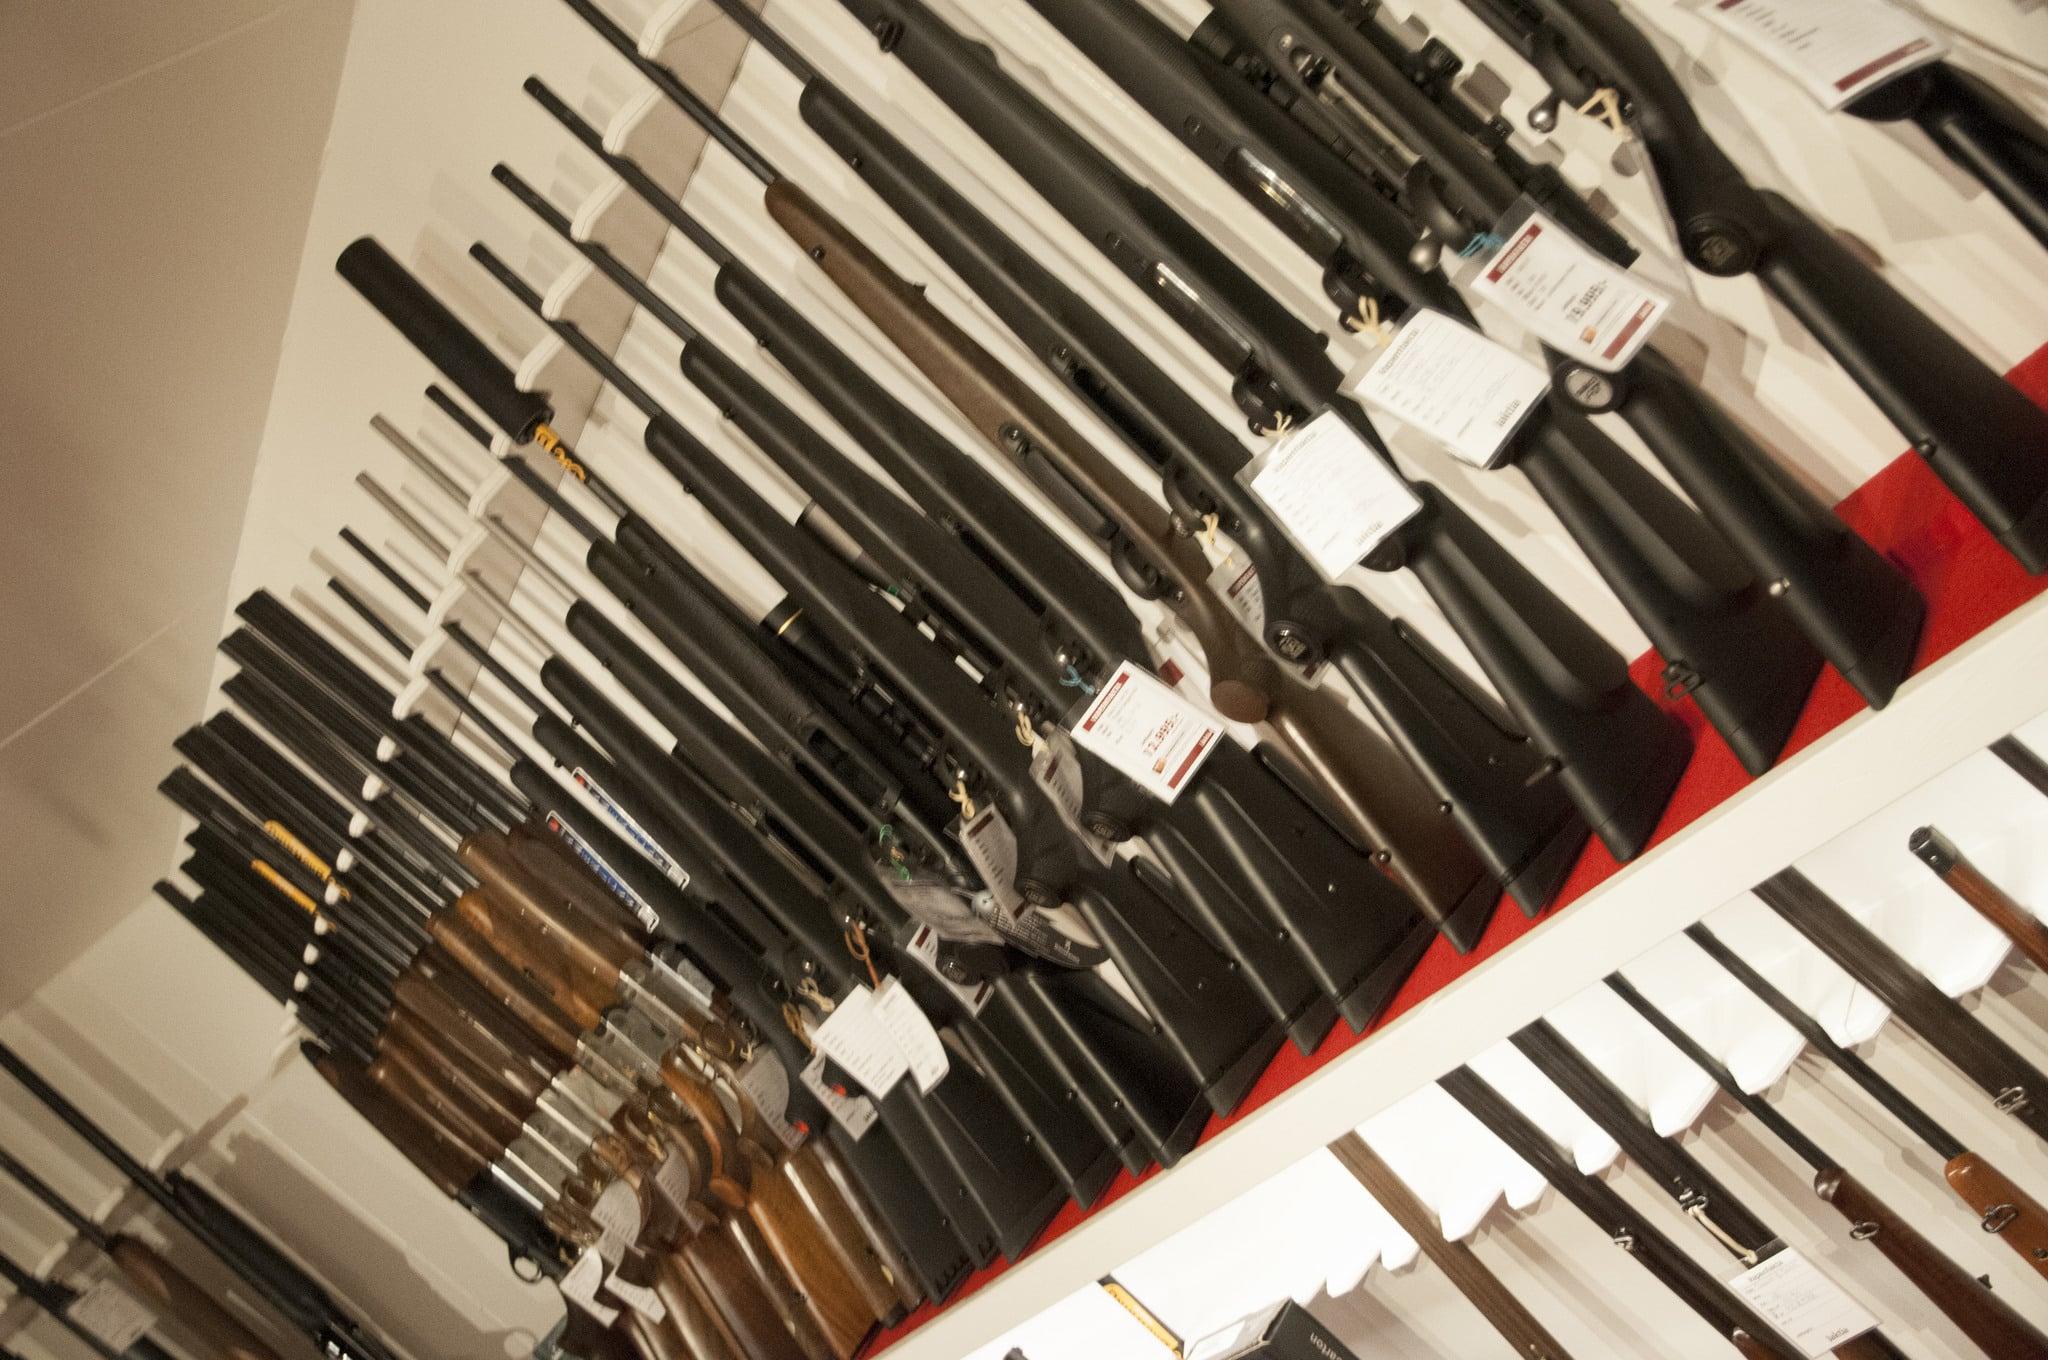 Oetiskt med vapenförsäljning eller inte? Klarna gör olika bedömningar från fall till fall.